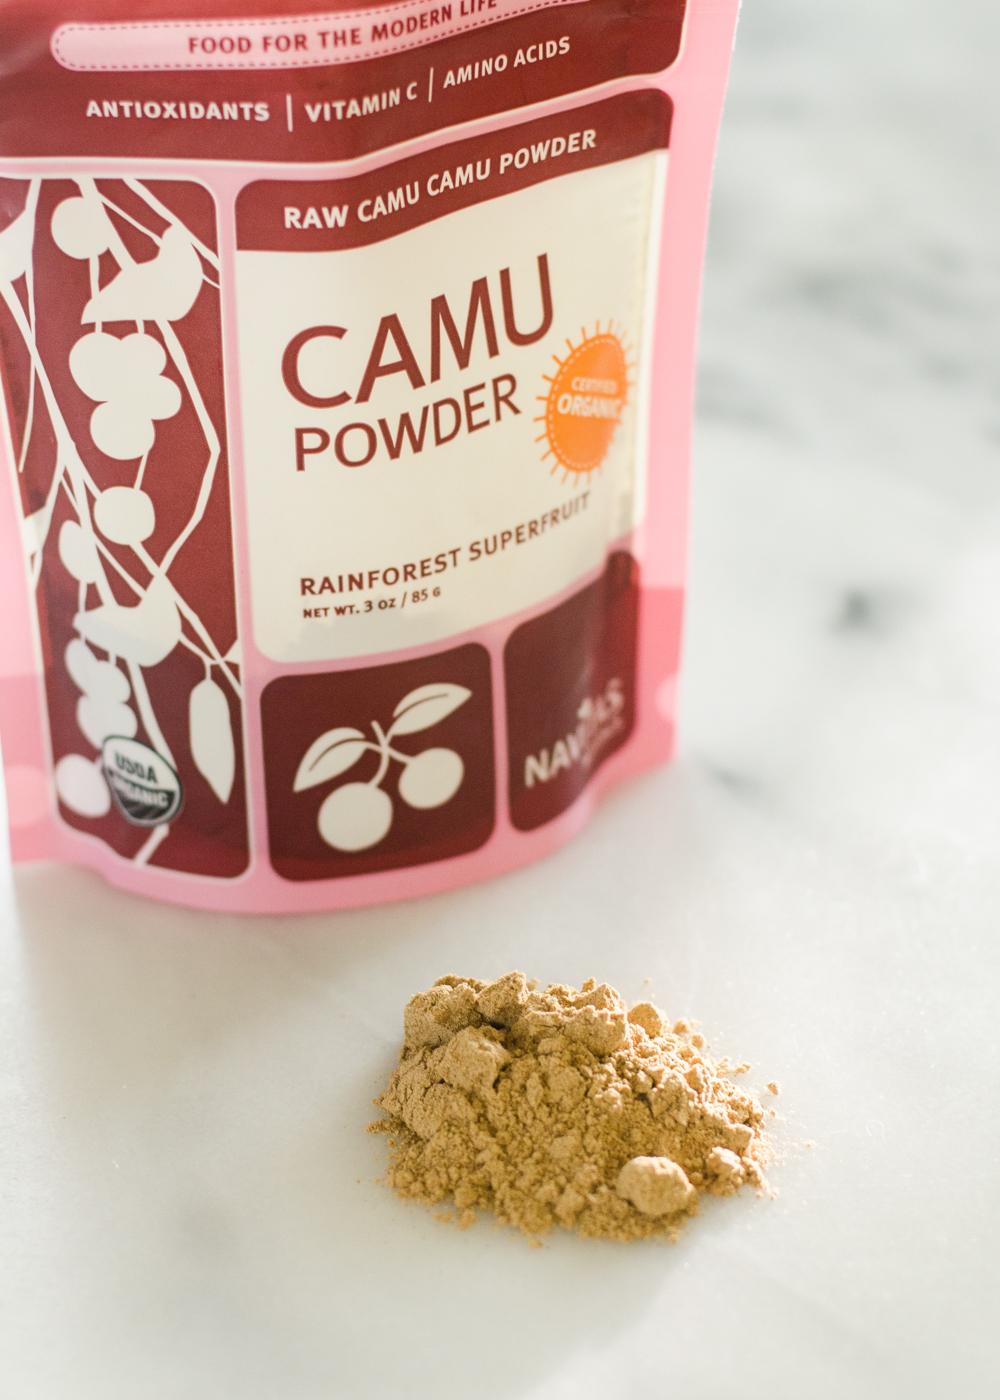 Camu Camu Powder 101